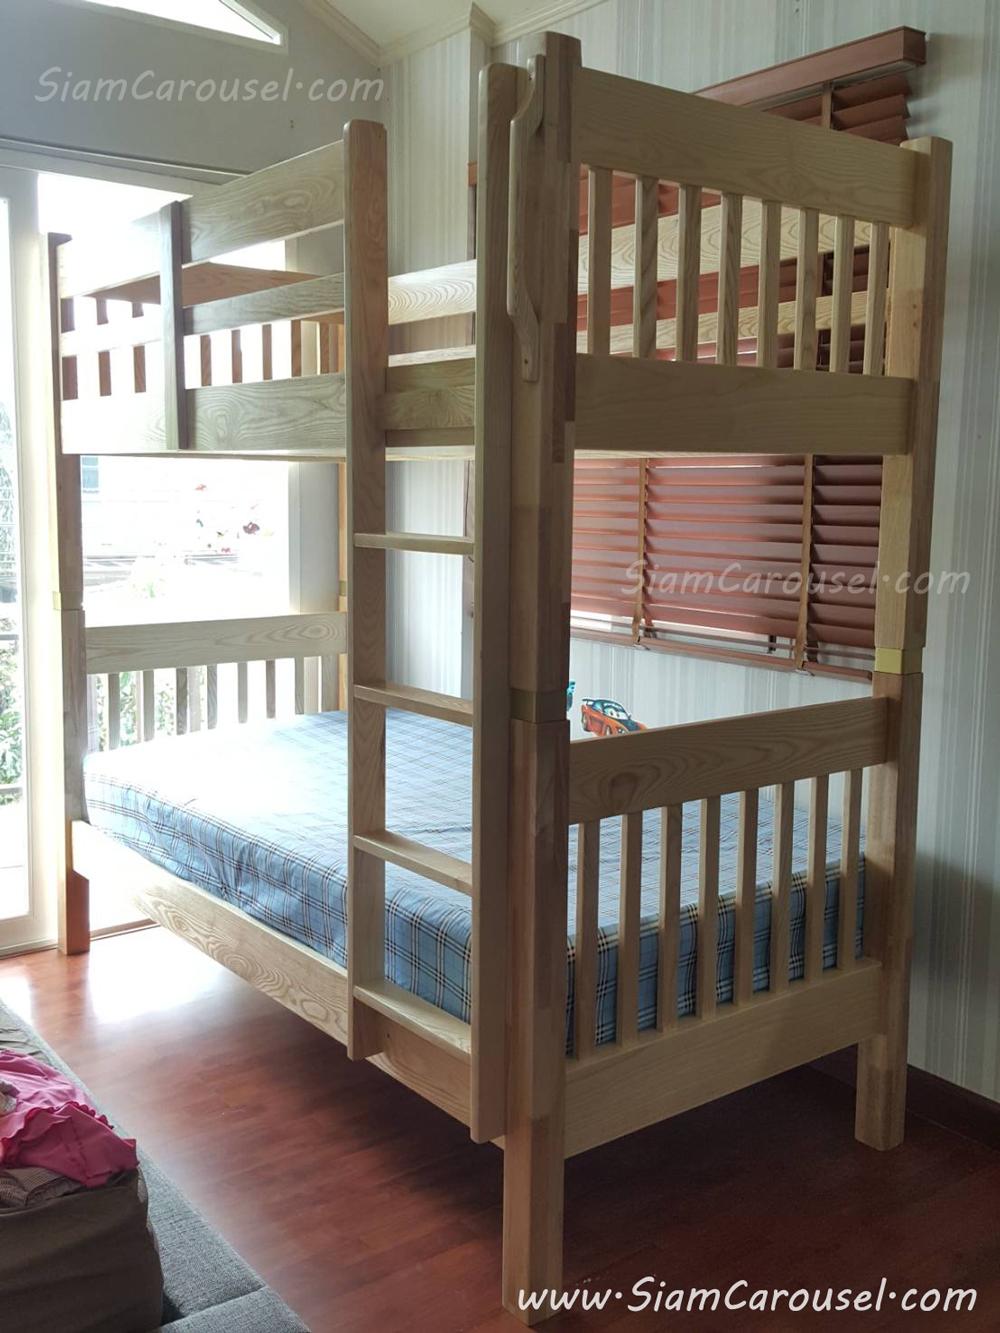 เตียง 2 ชั้น ของคุณ วราภรณ์ ม.ศุภาลัย การ์เด้นวิลล์ บางกรวย นนทบุรี